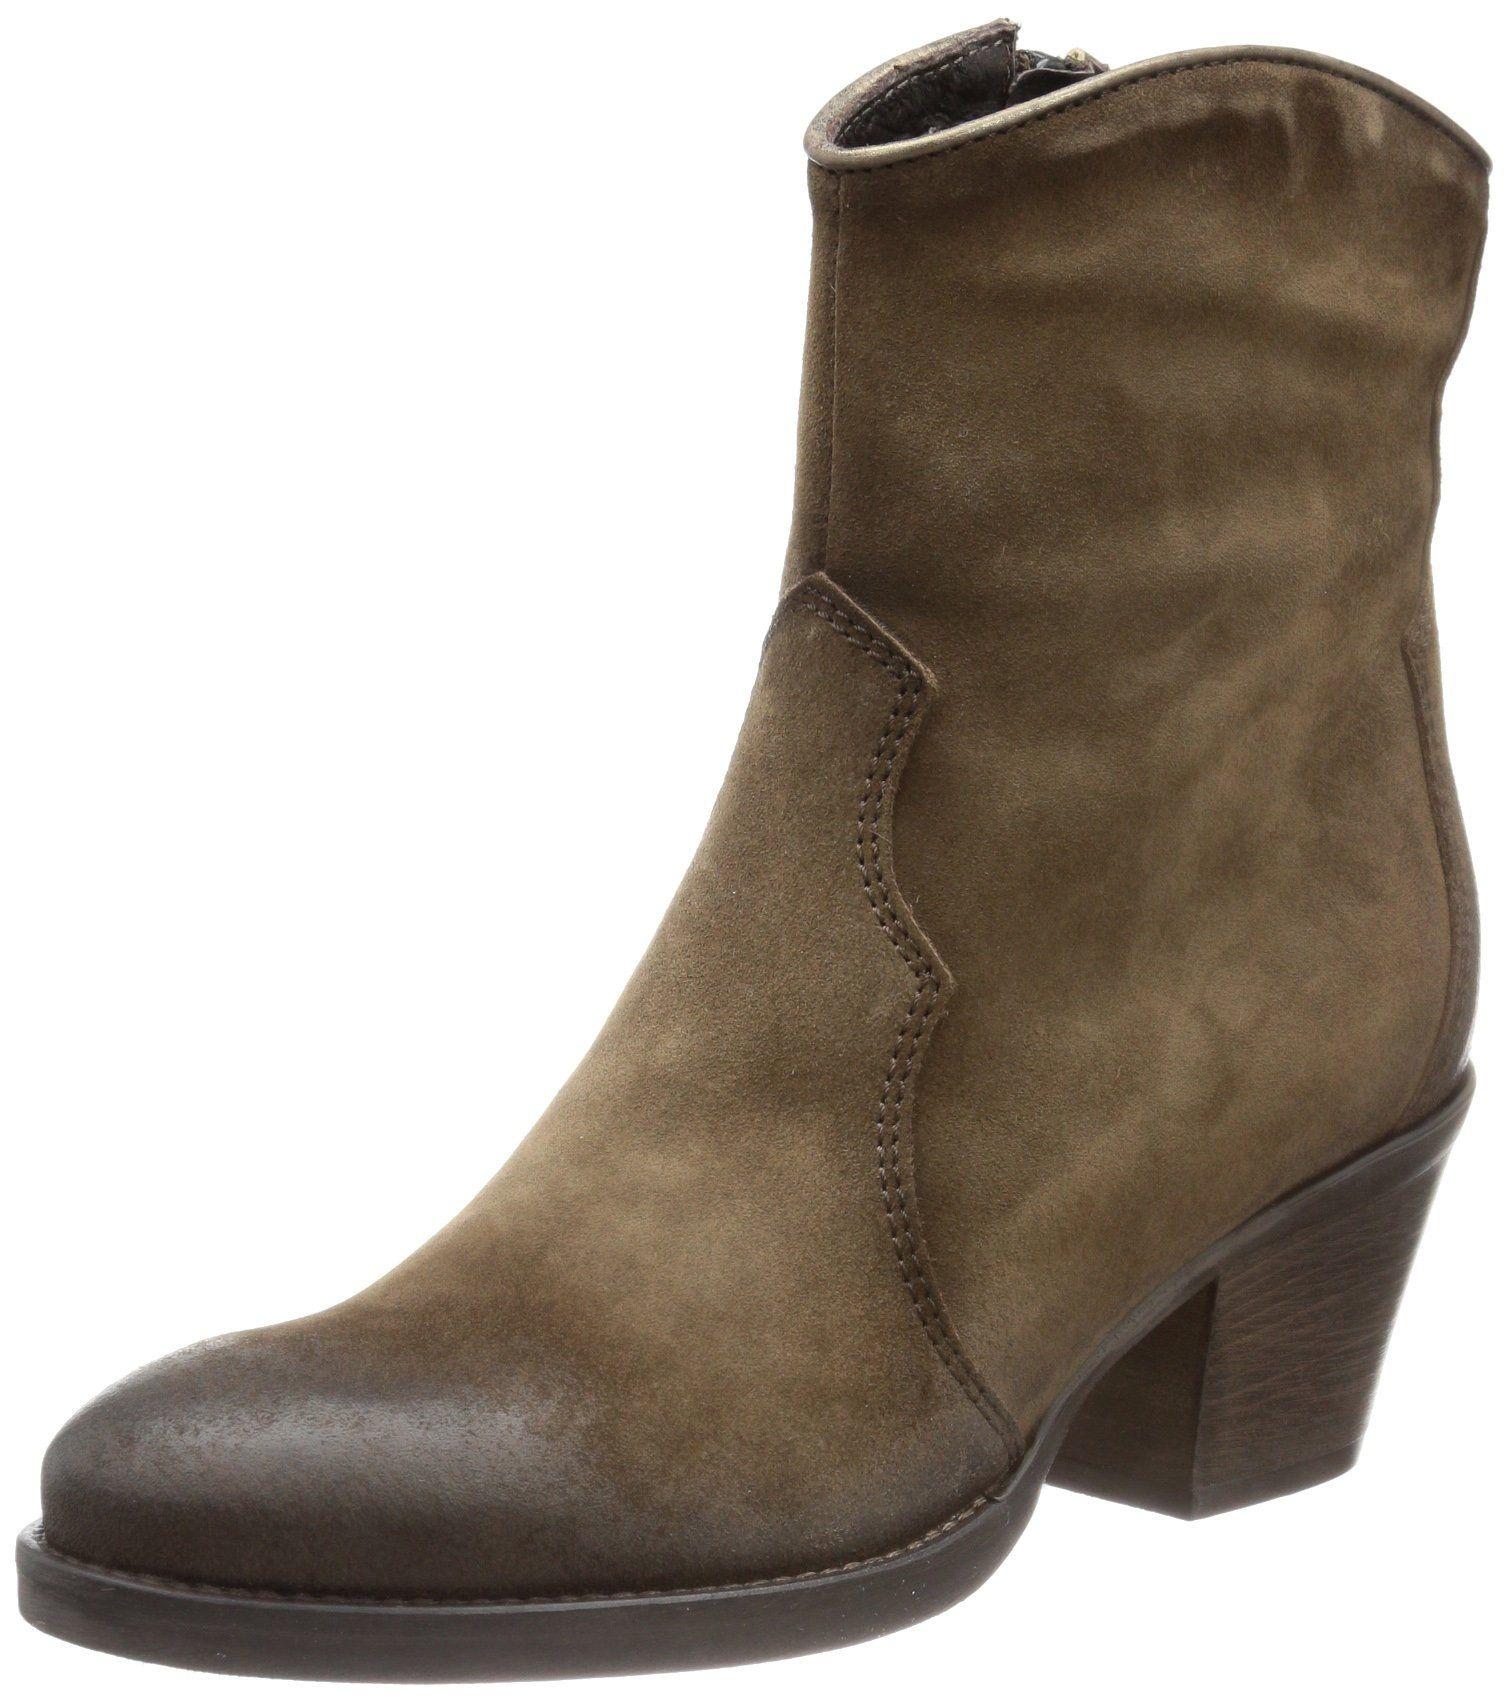 CAFèNOIR FF602 - Botas clásicas de cuero mujer: Amazon.es: Zapatos y complementos